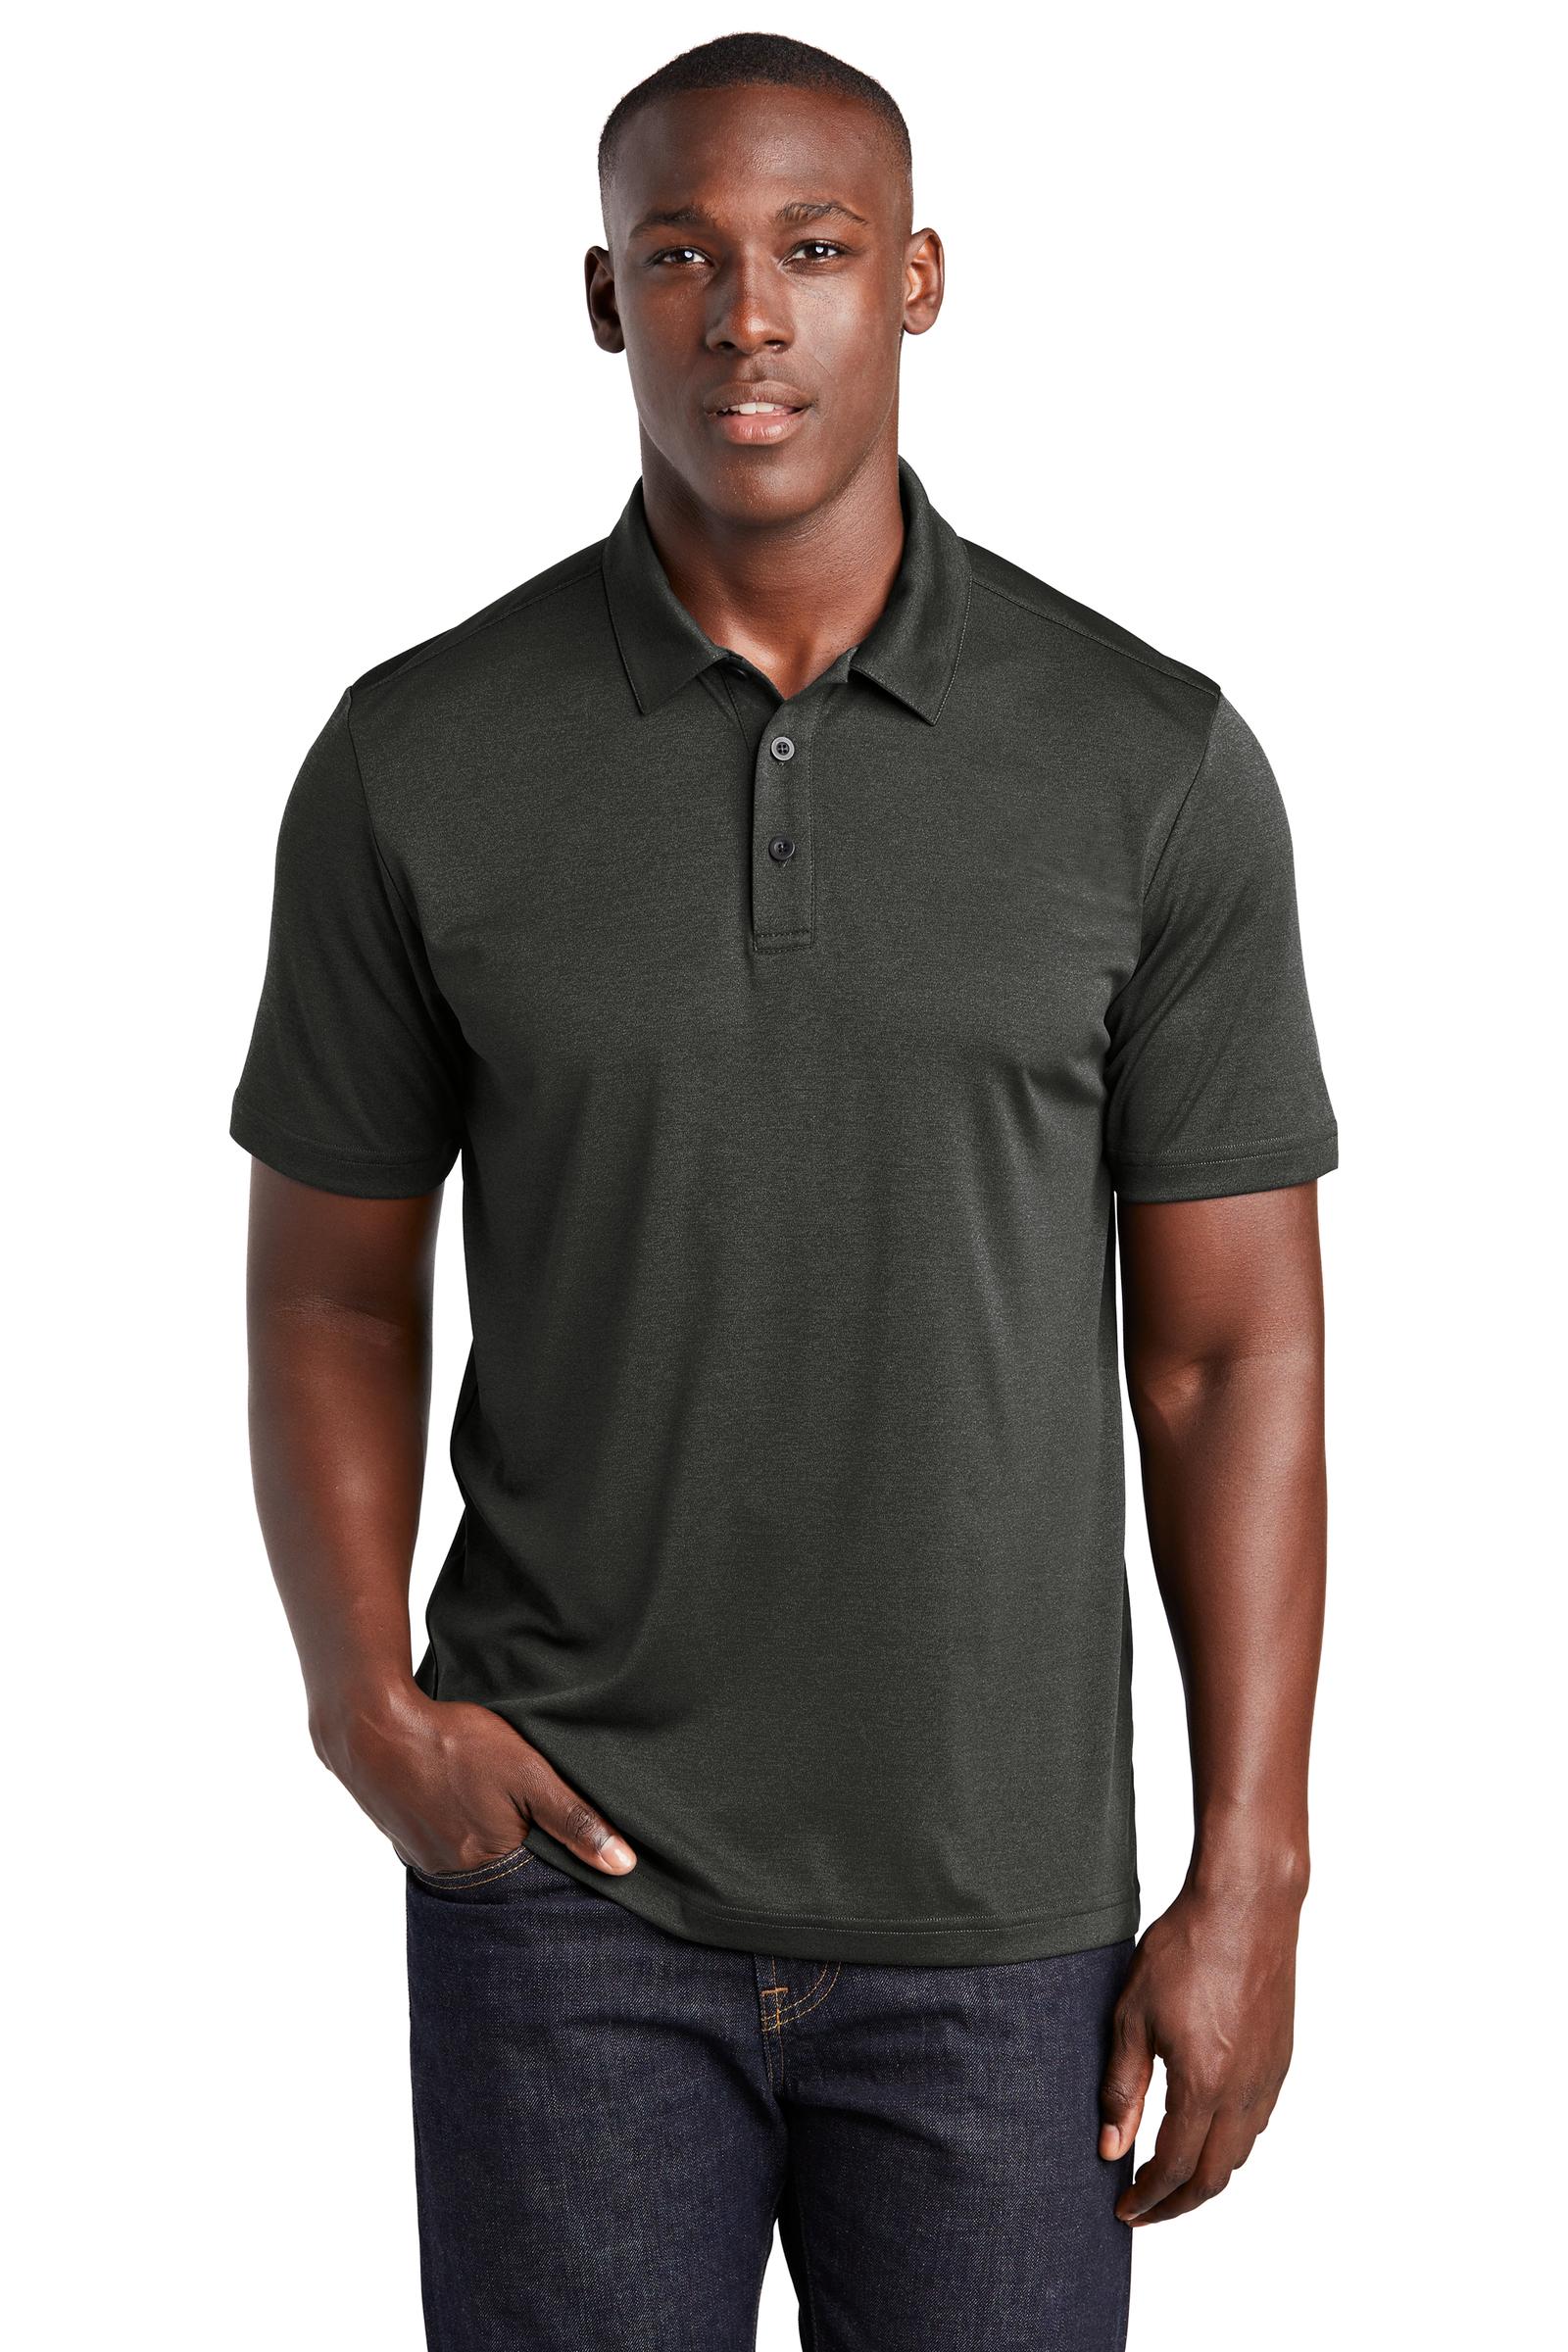 Sport-Tek Embroidered Men's Endeavor Polo